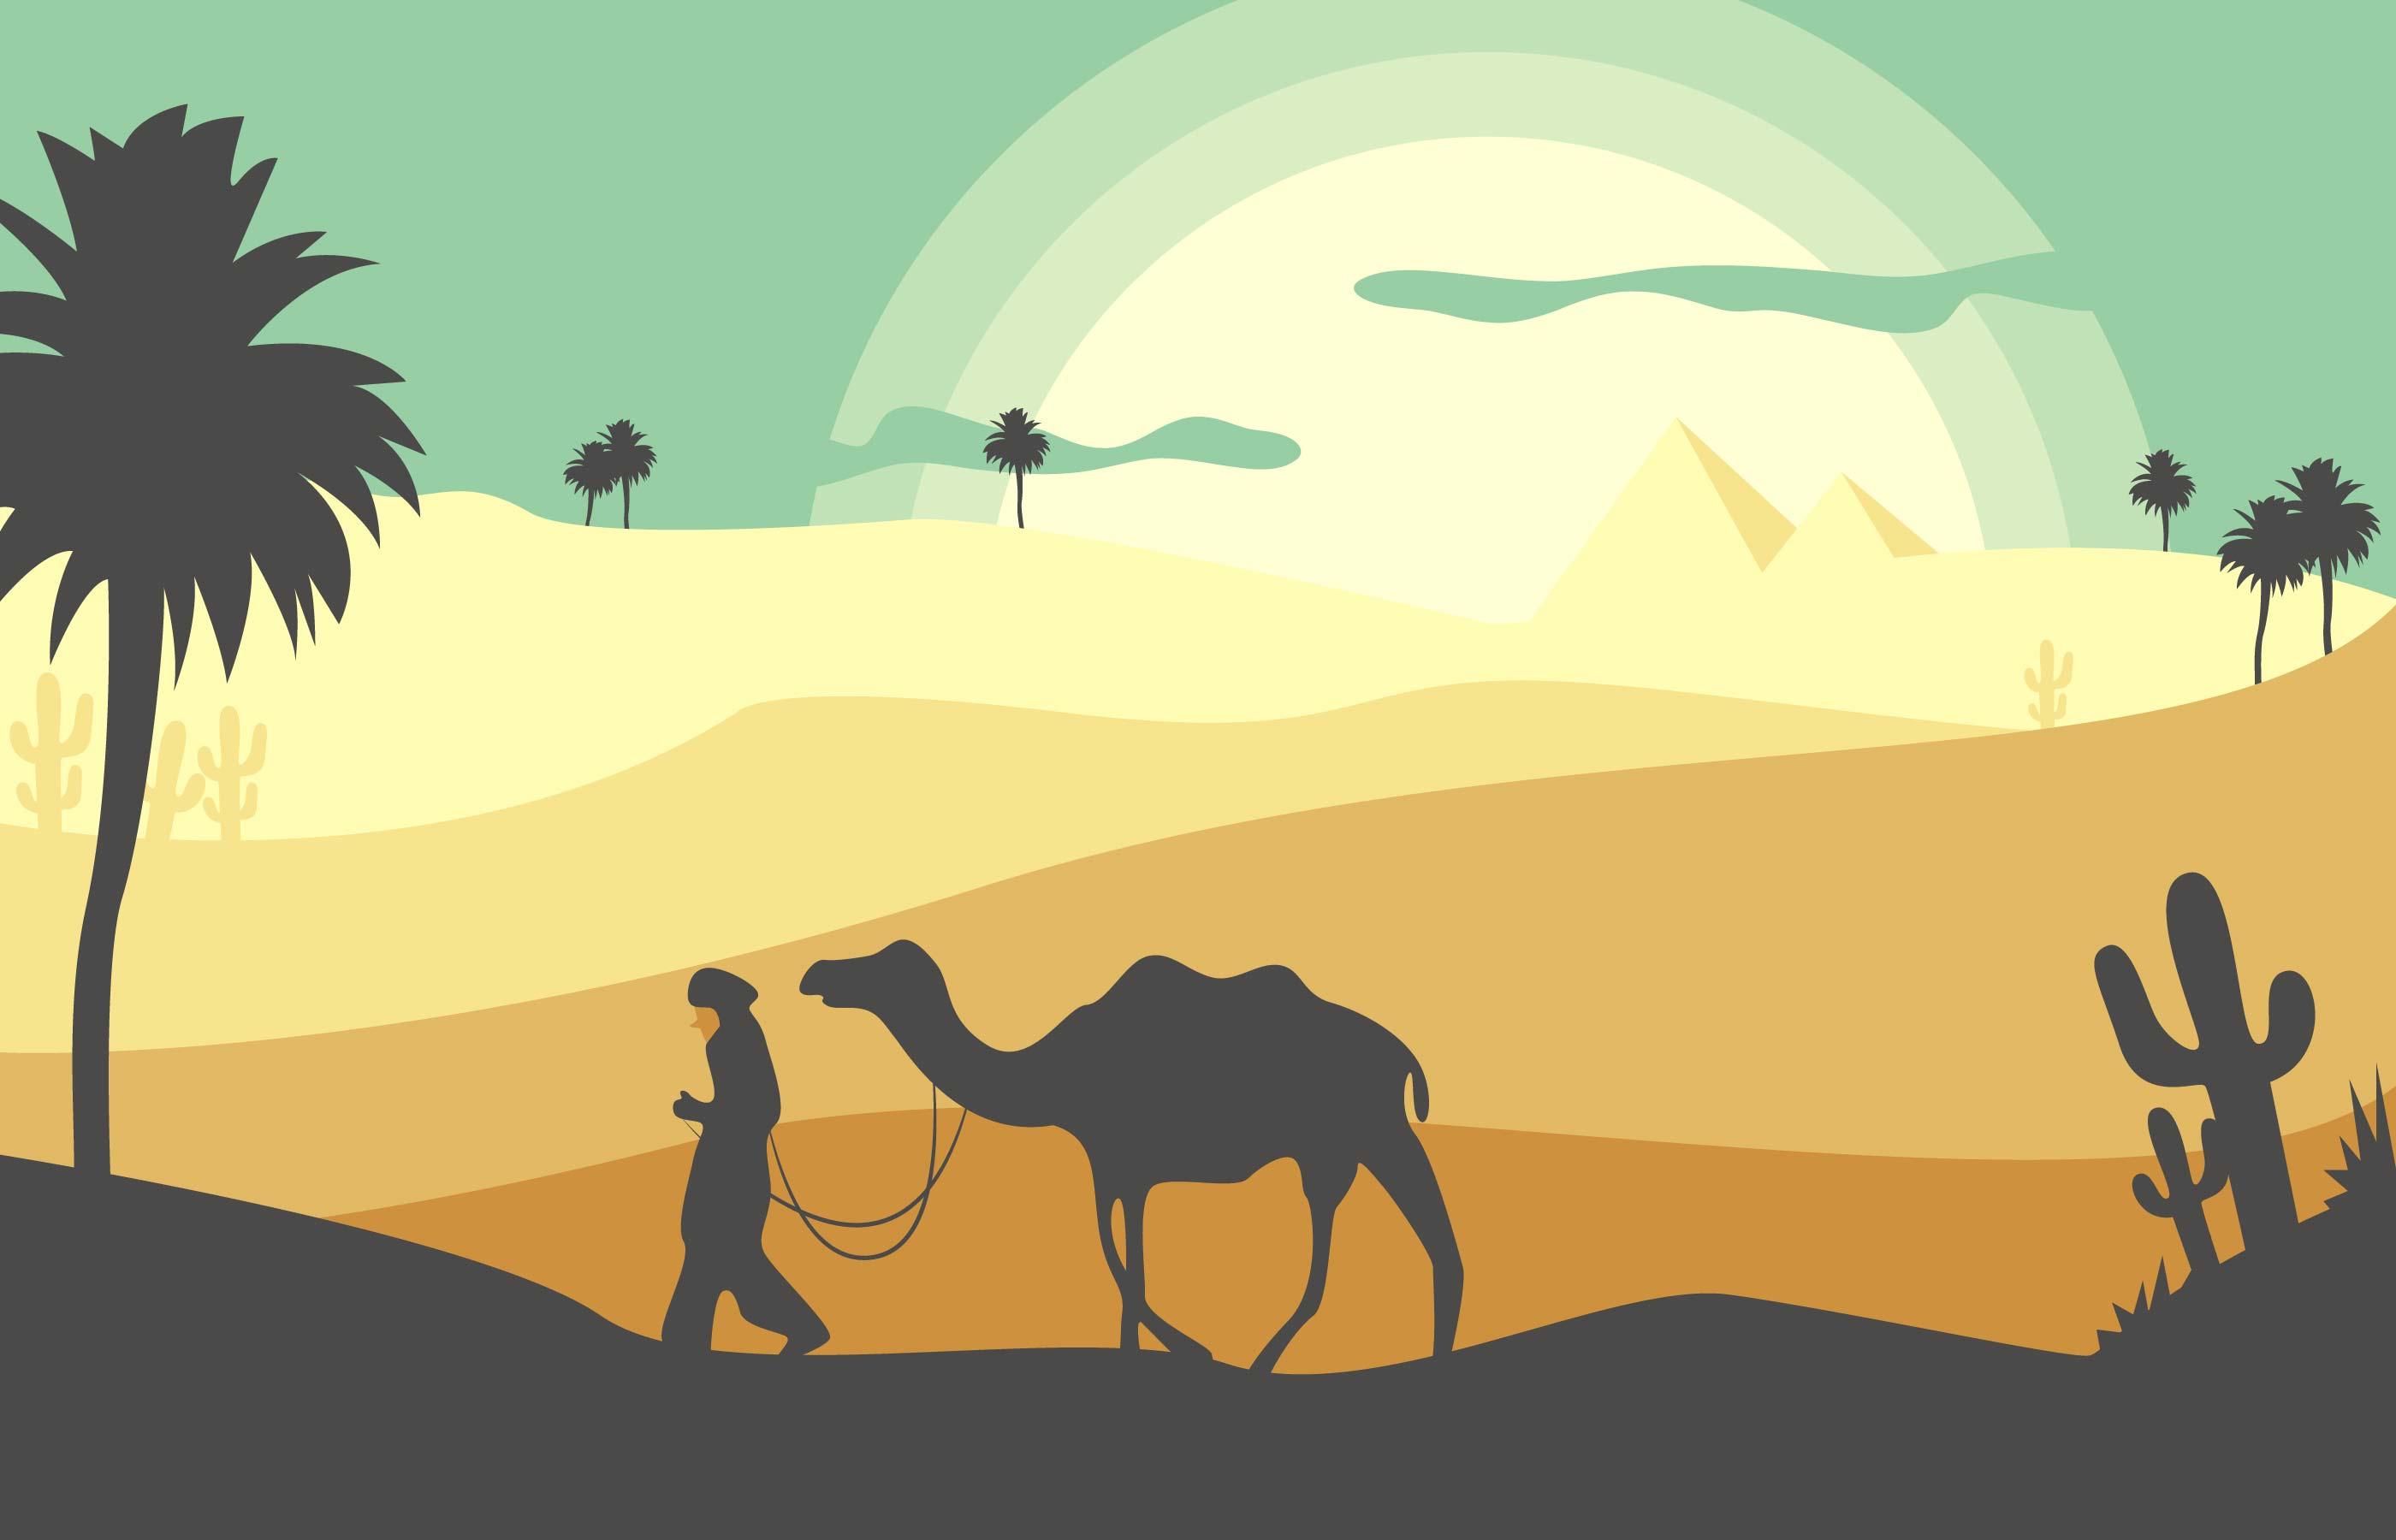 Landscape Illustration Vector Free: Desert Landscape Flat Illustration Vector